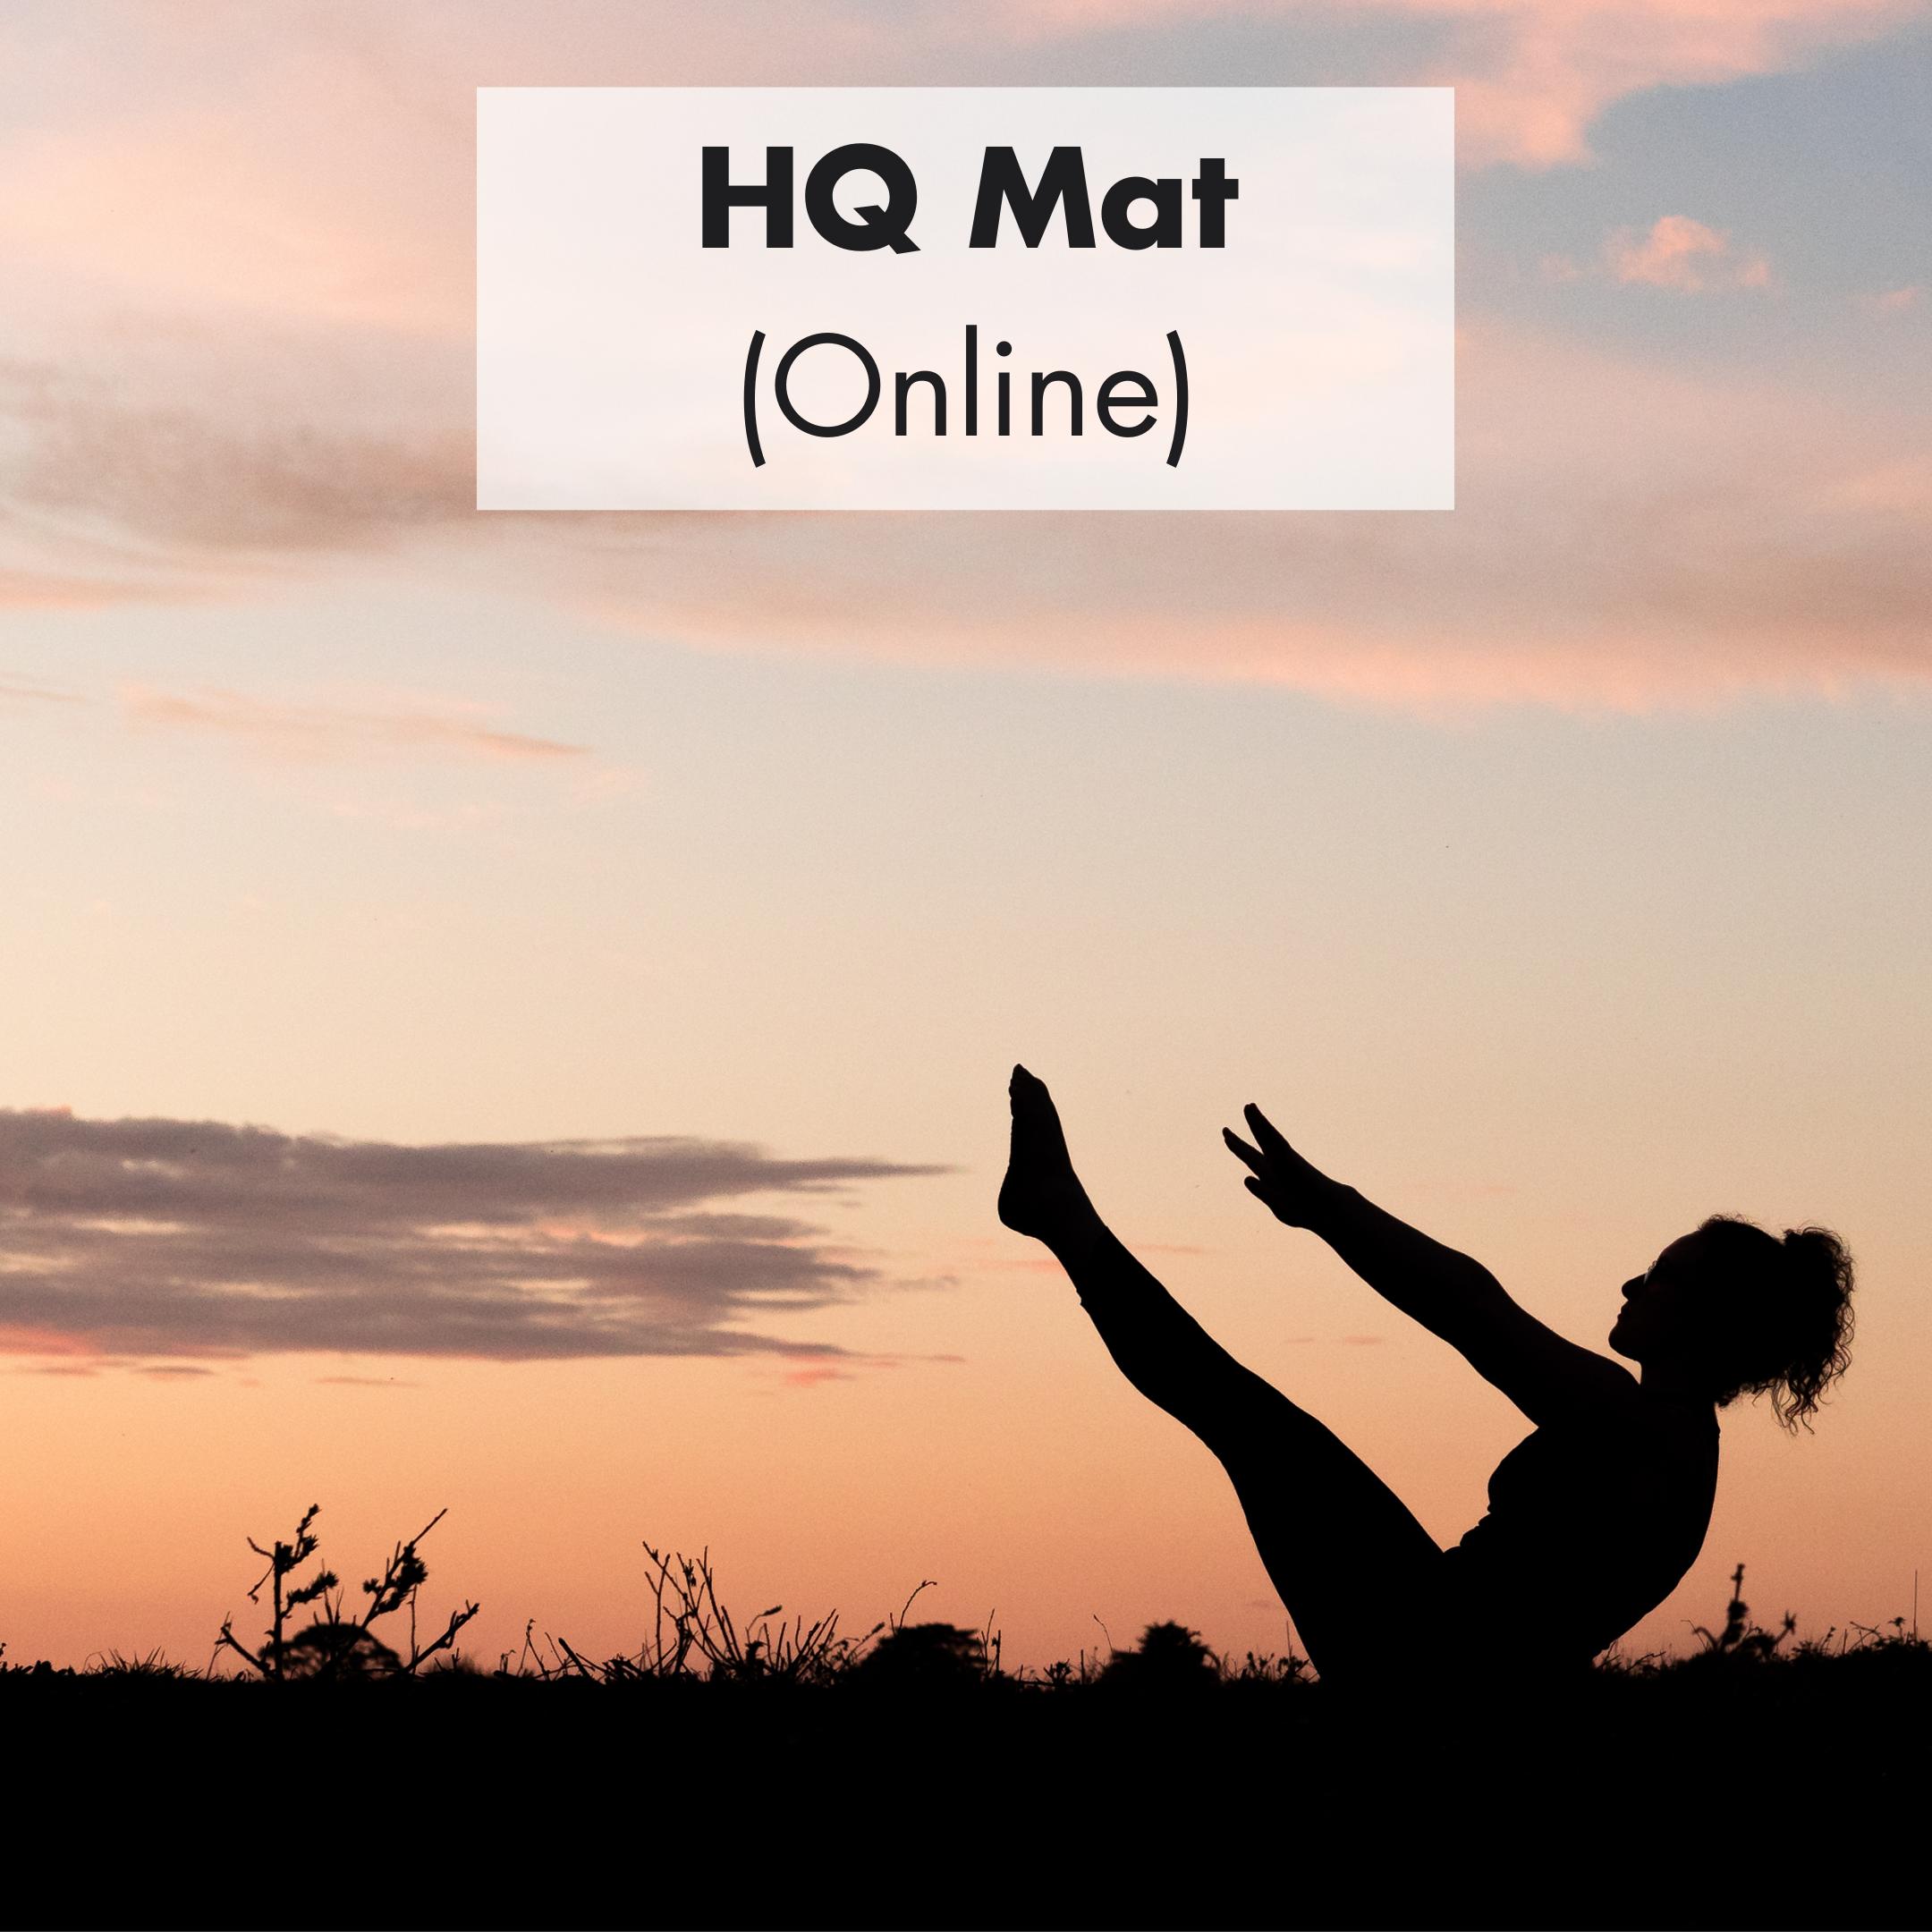 HQ Mat (Online)